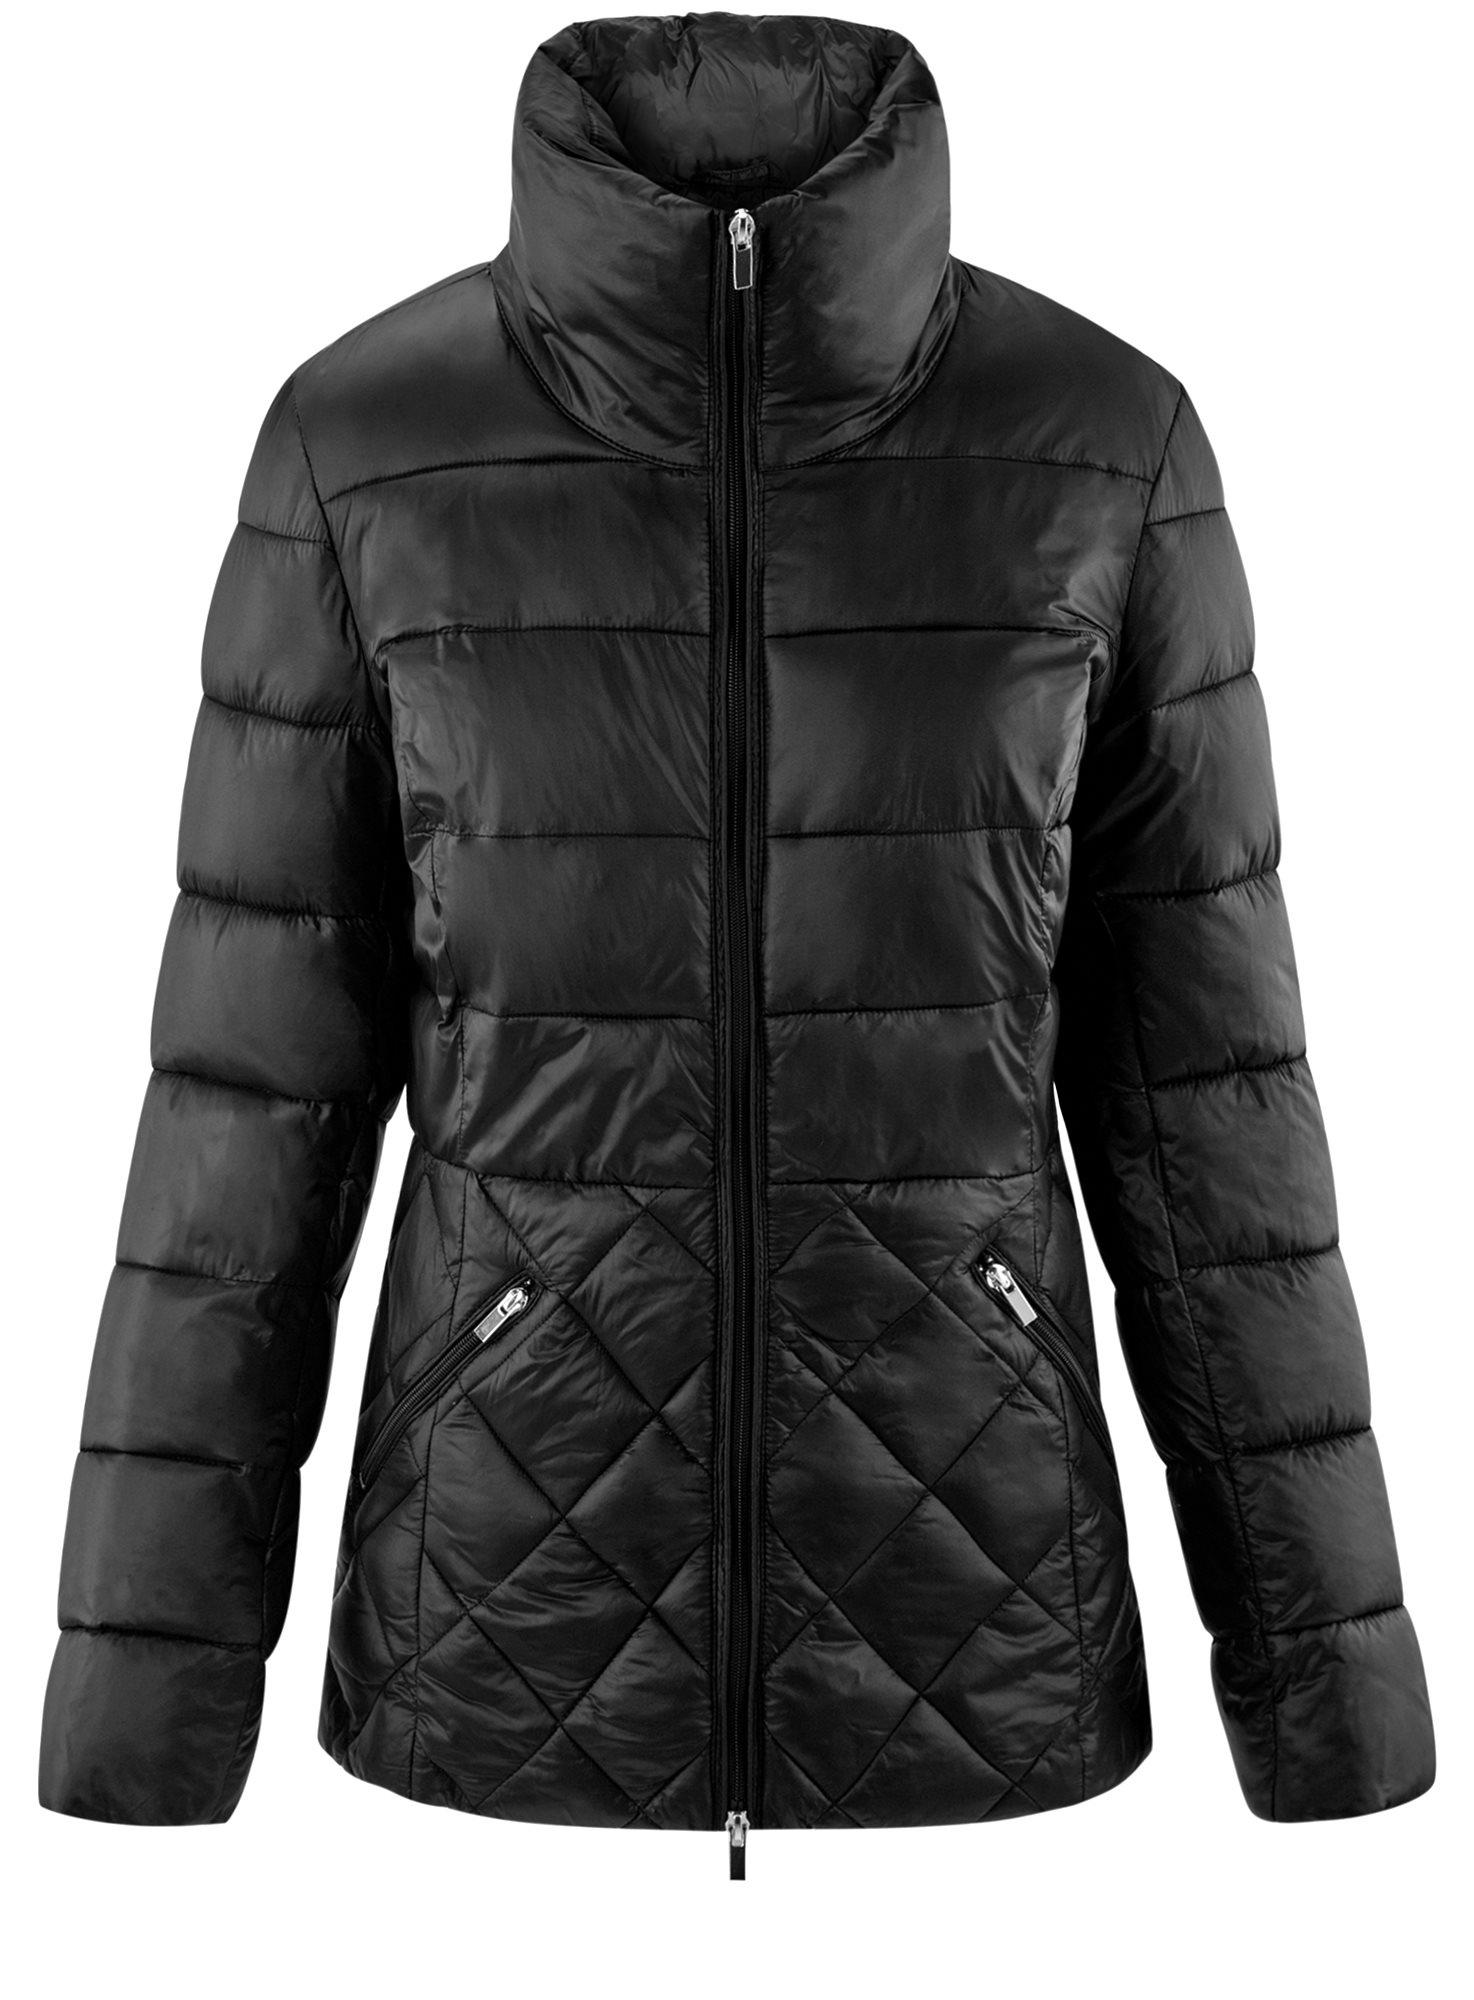 Куртка стеганая с воротником-стойкой oodji для женщины (черный), 10203031-1/18268/2900N